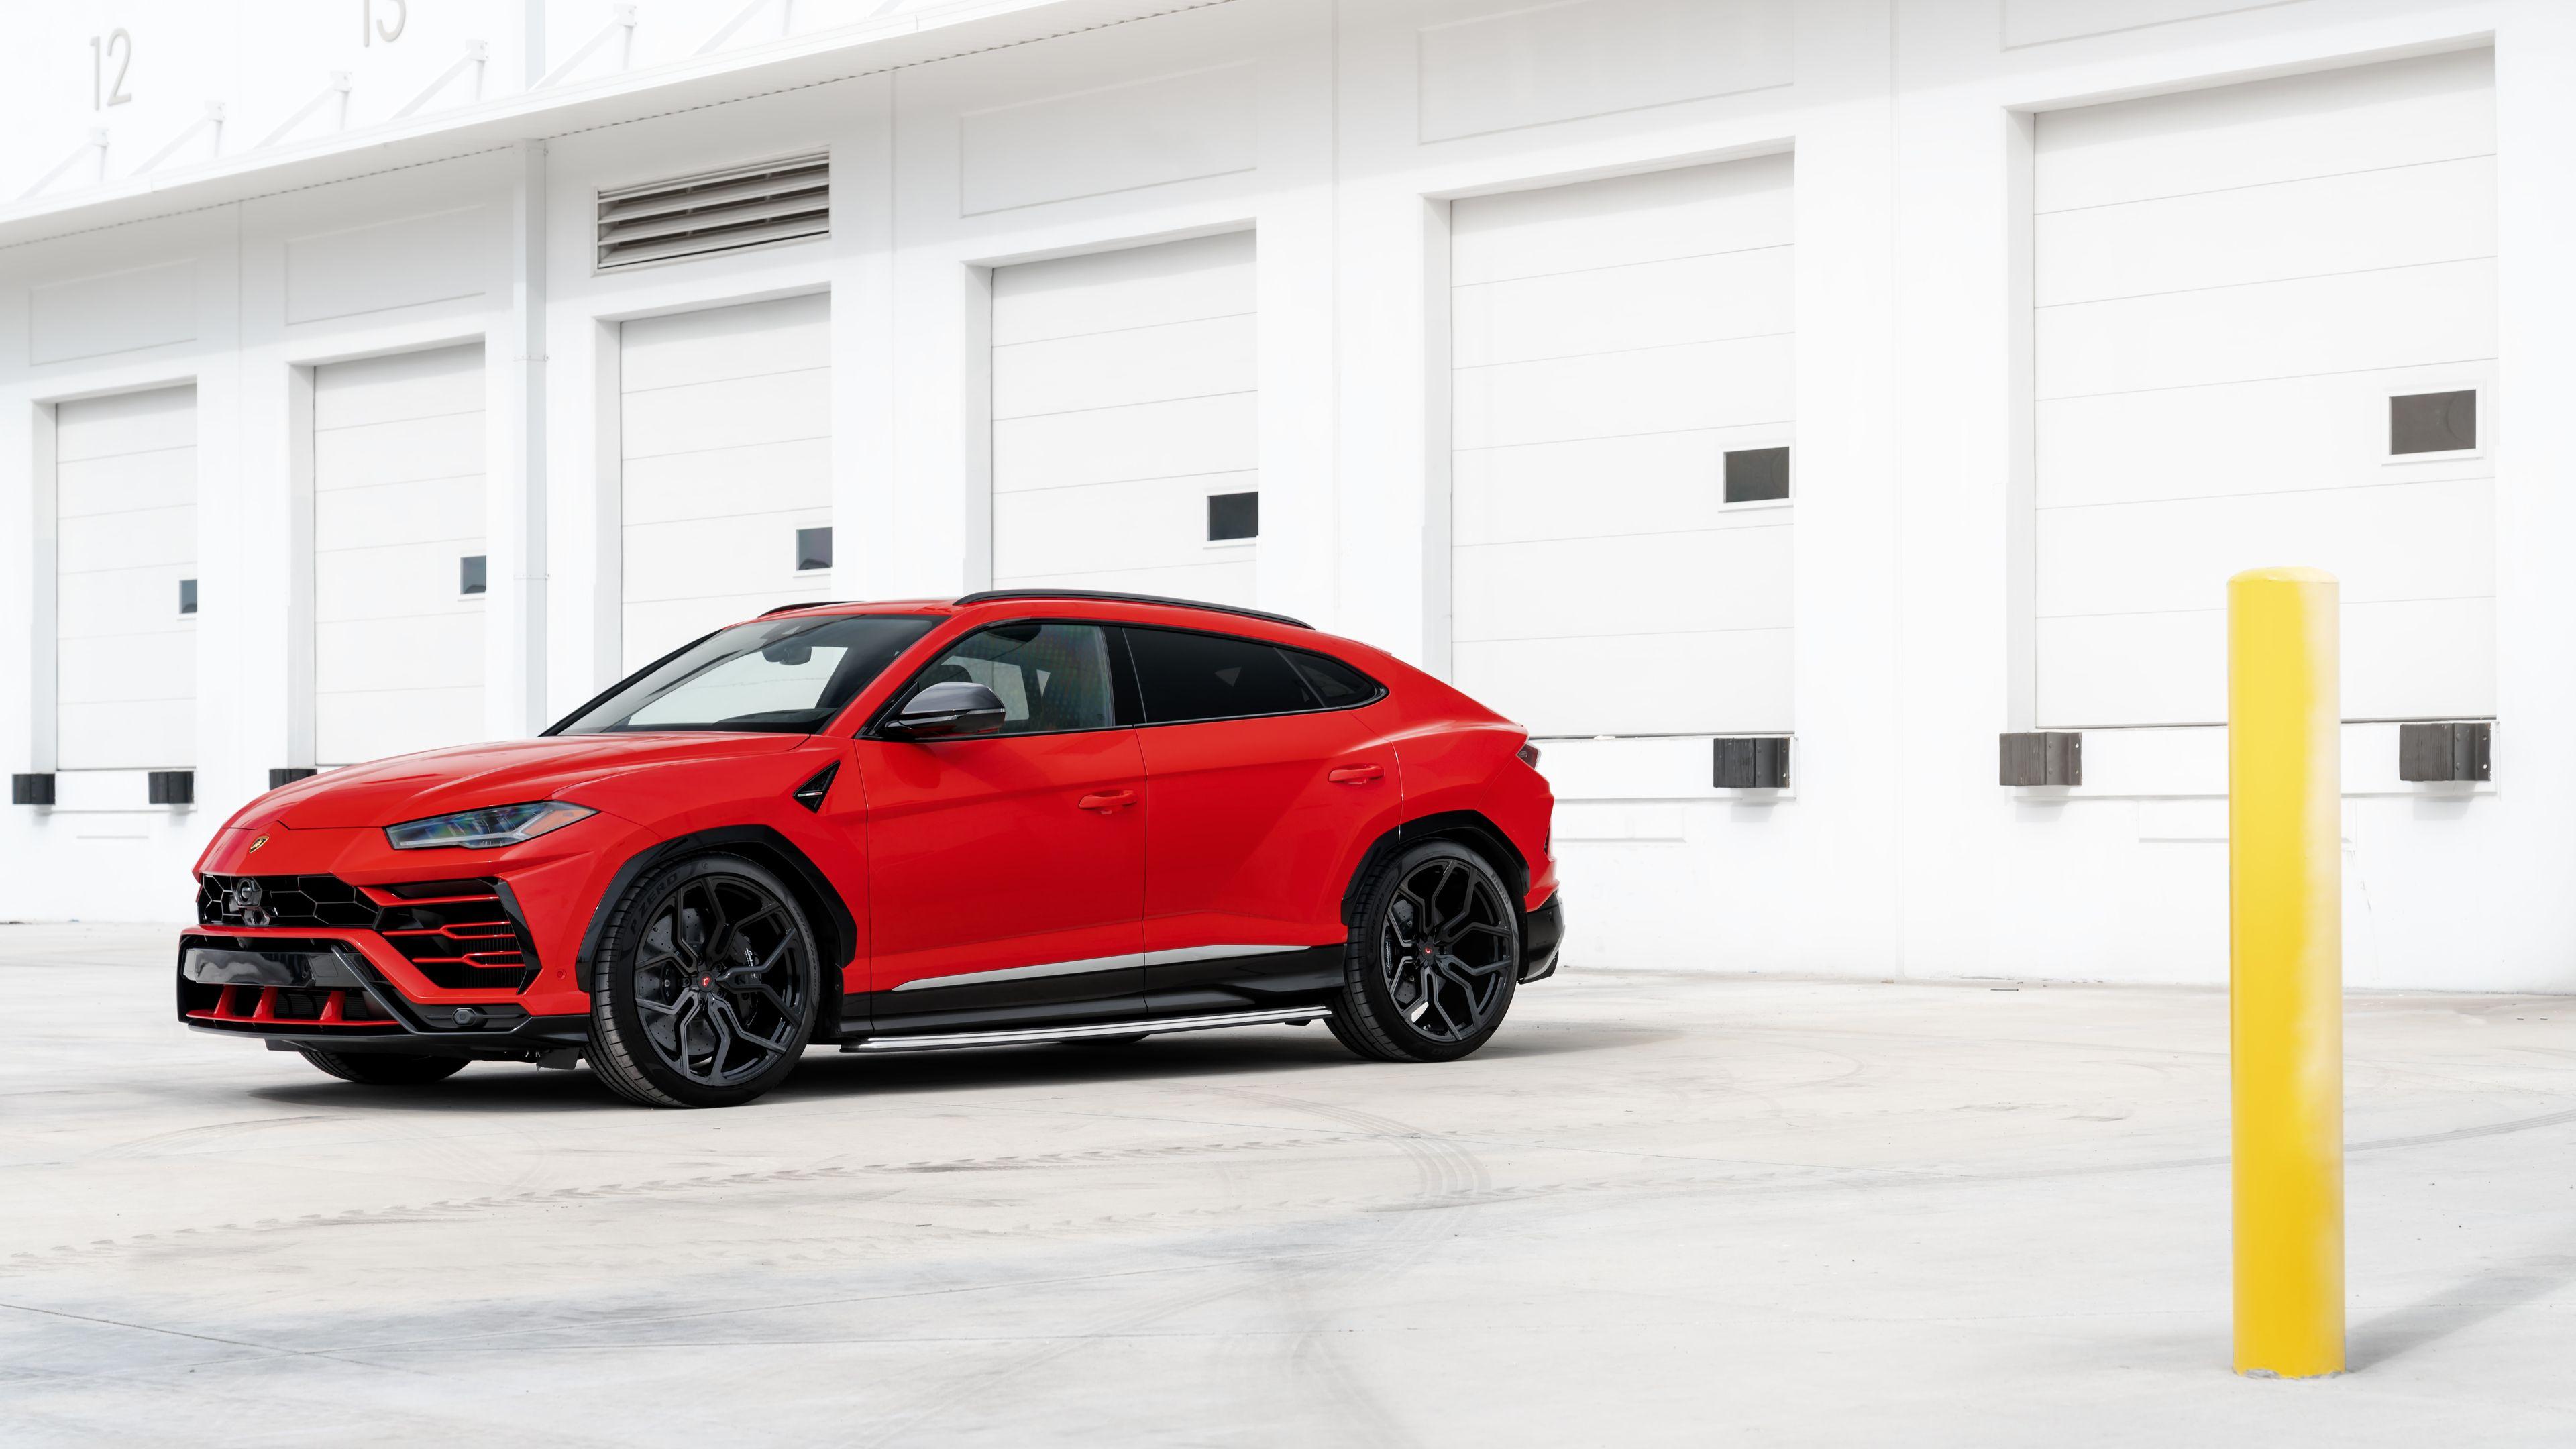 Wallpaper 4k Red Lamborghini Urus 2019 4k 2019 Cars Wallpapers 4k